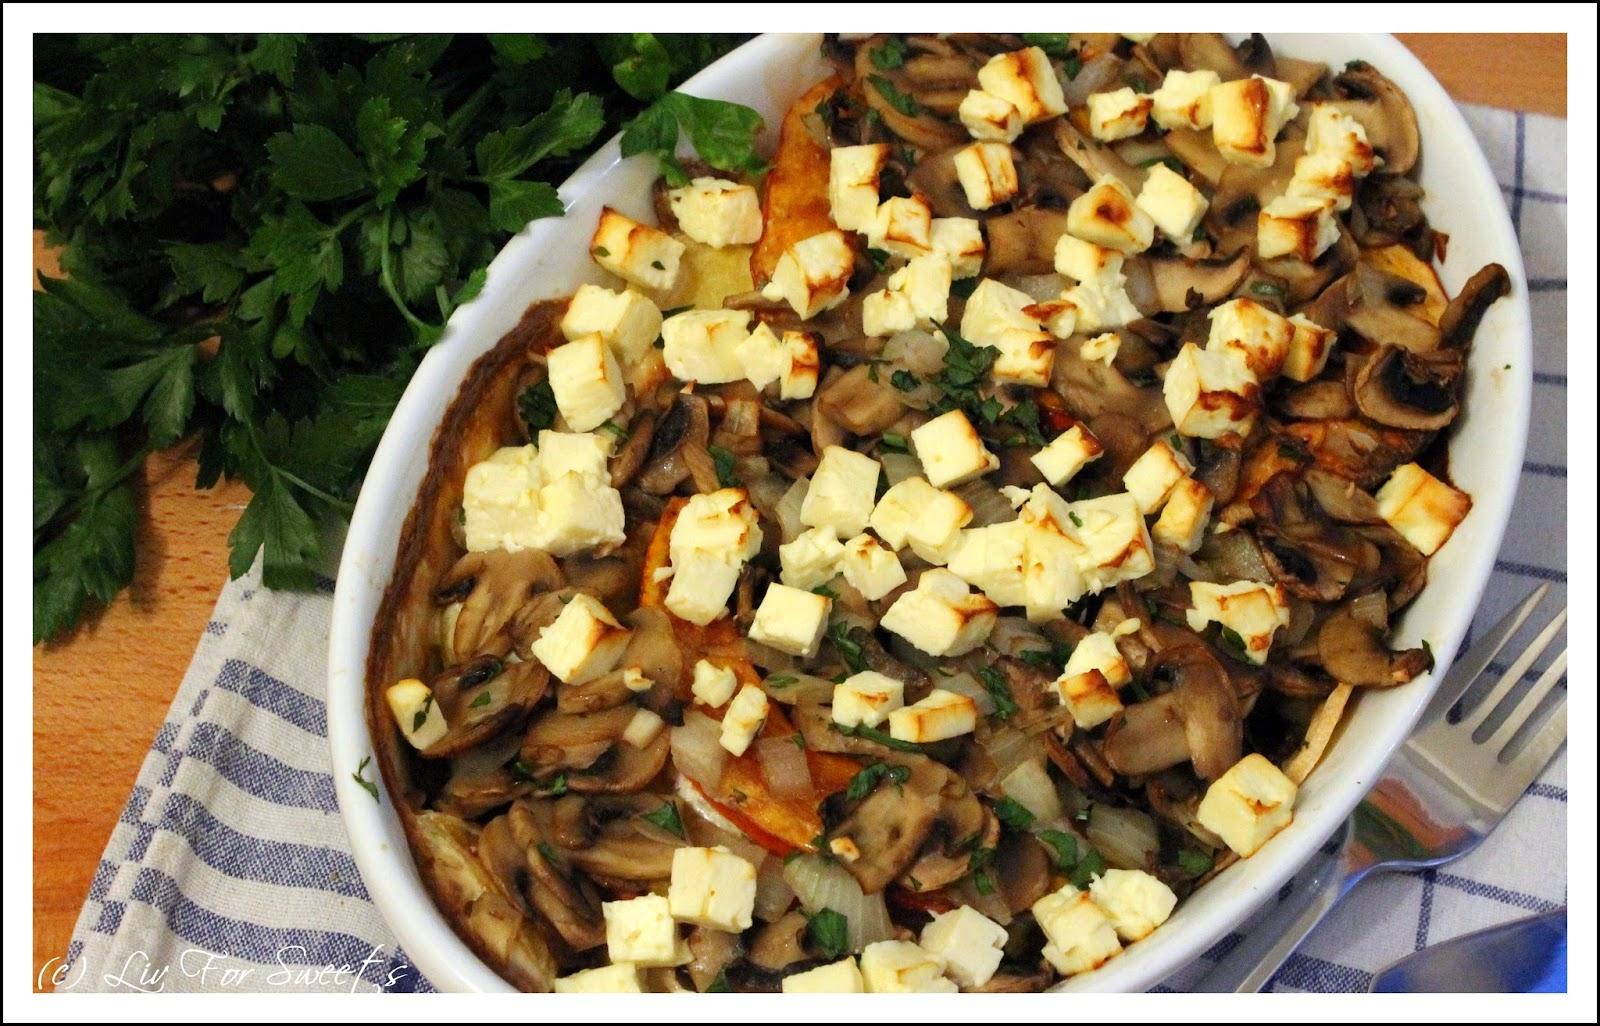 Kuerbis-Kartoffel-Auflauf mit Feta und Champignons, Pilze, Soja-Creme, Petersilie, Rezept